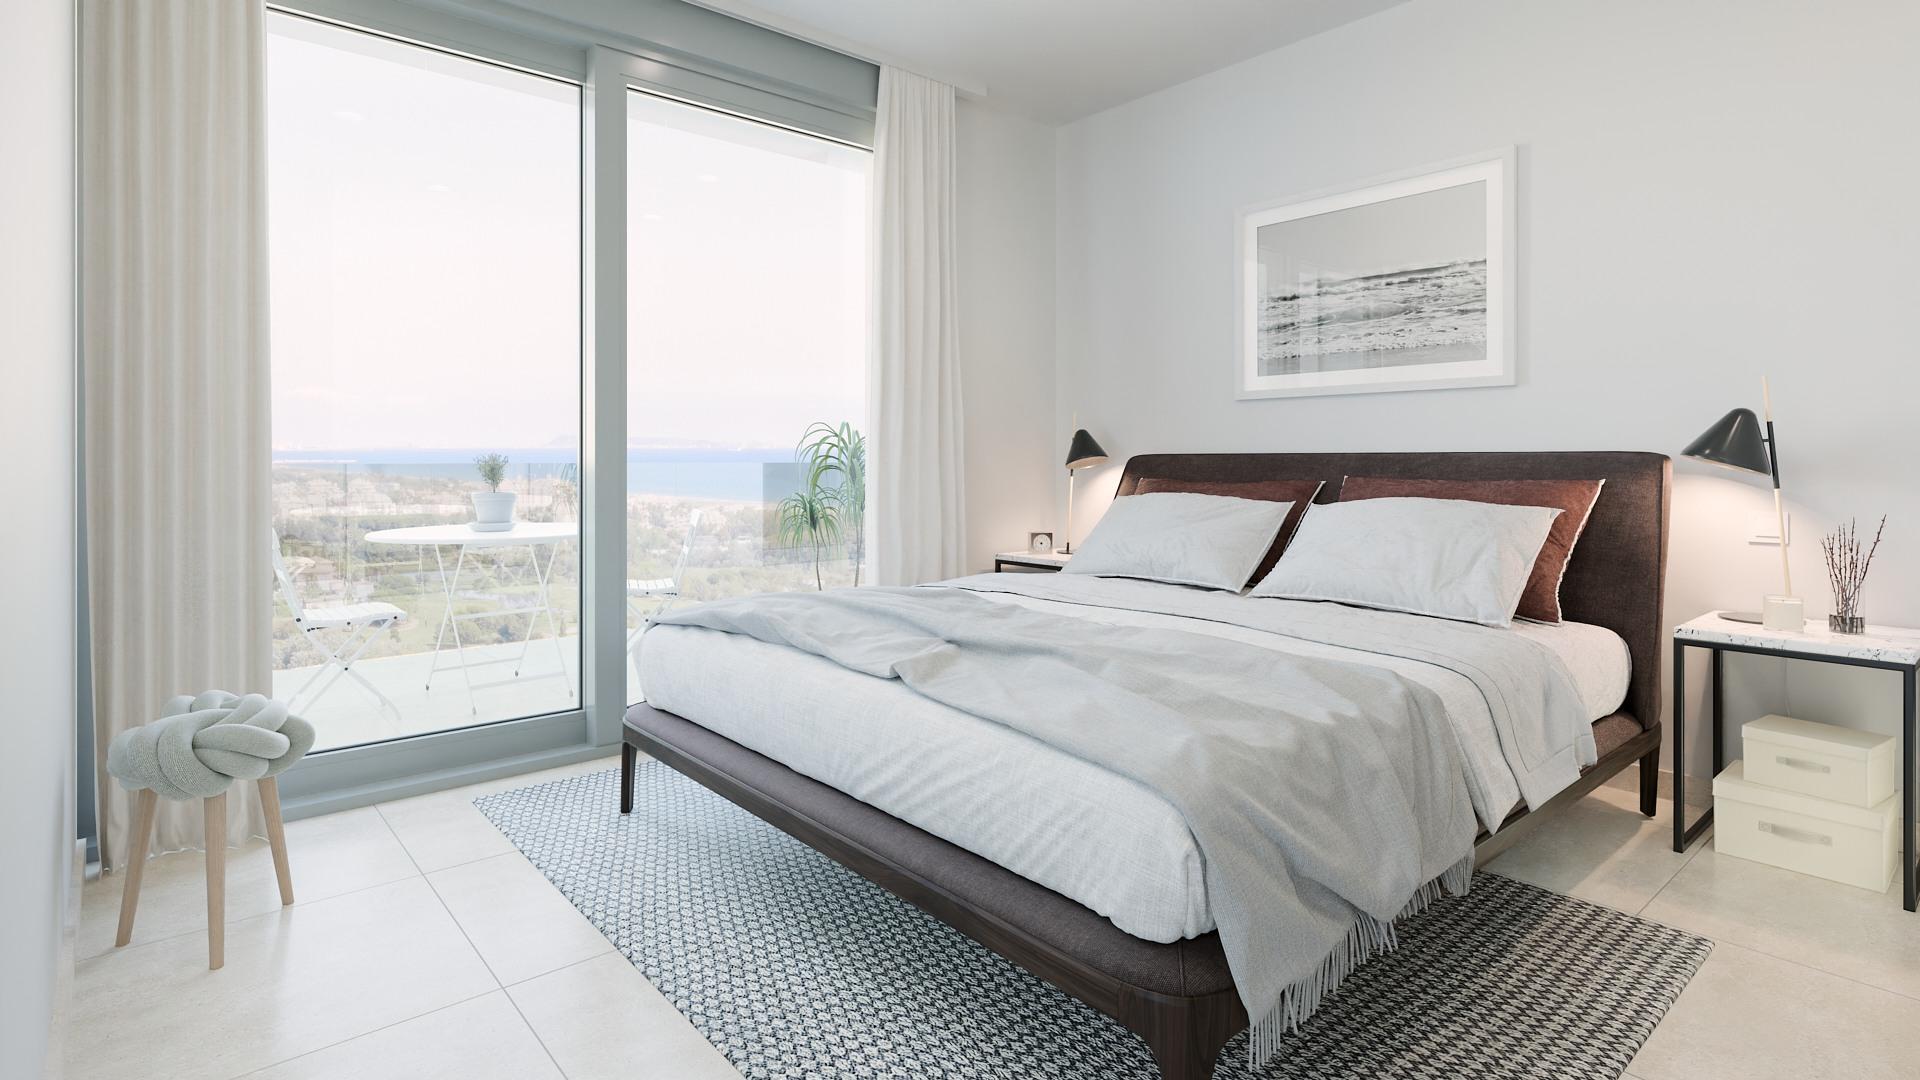 P3_D301_Dormitorio_IG